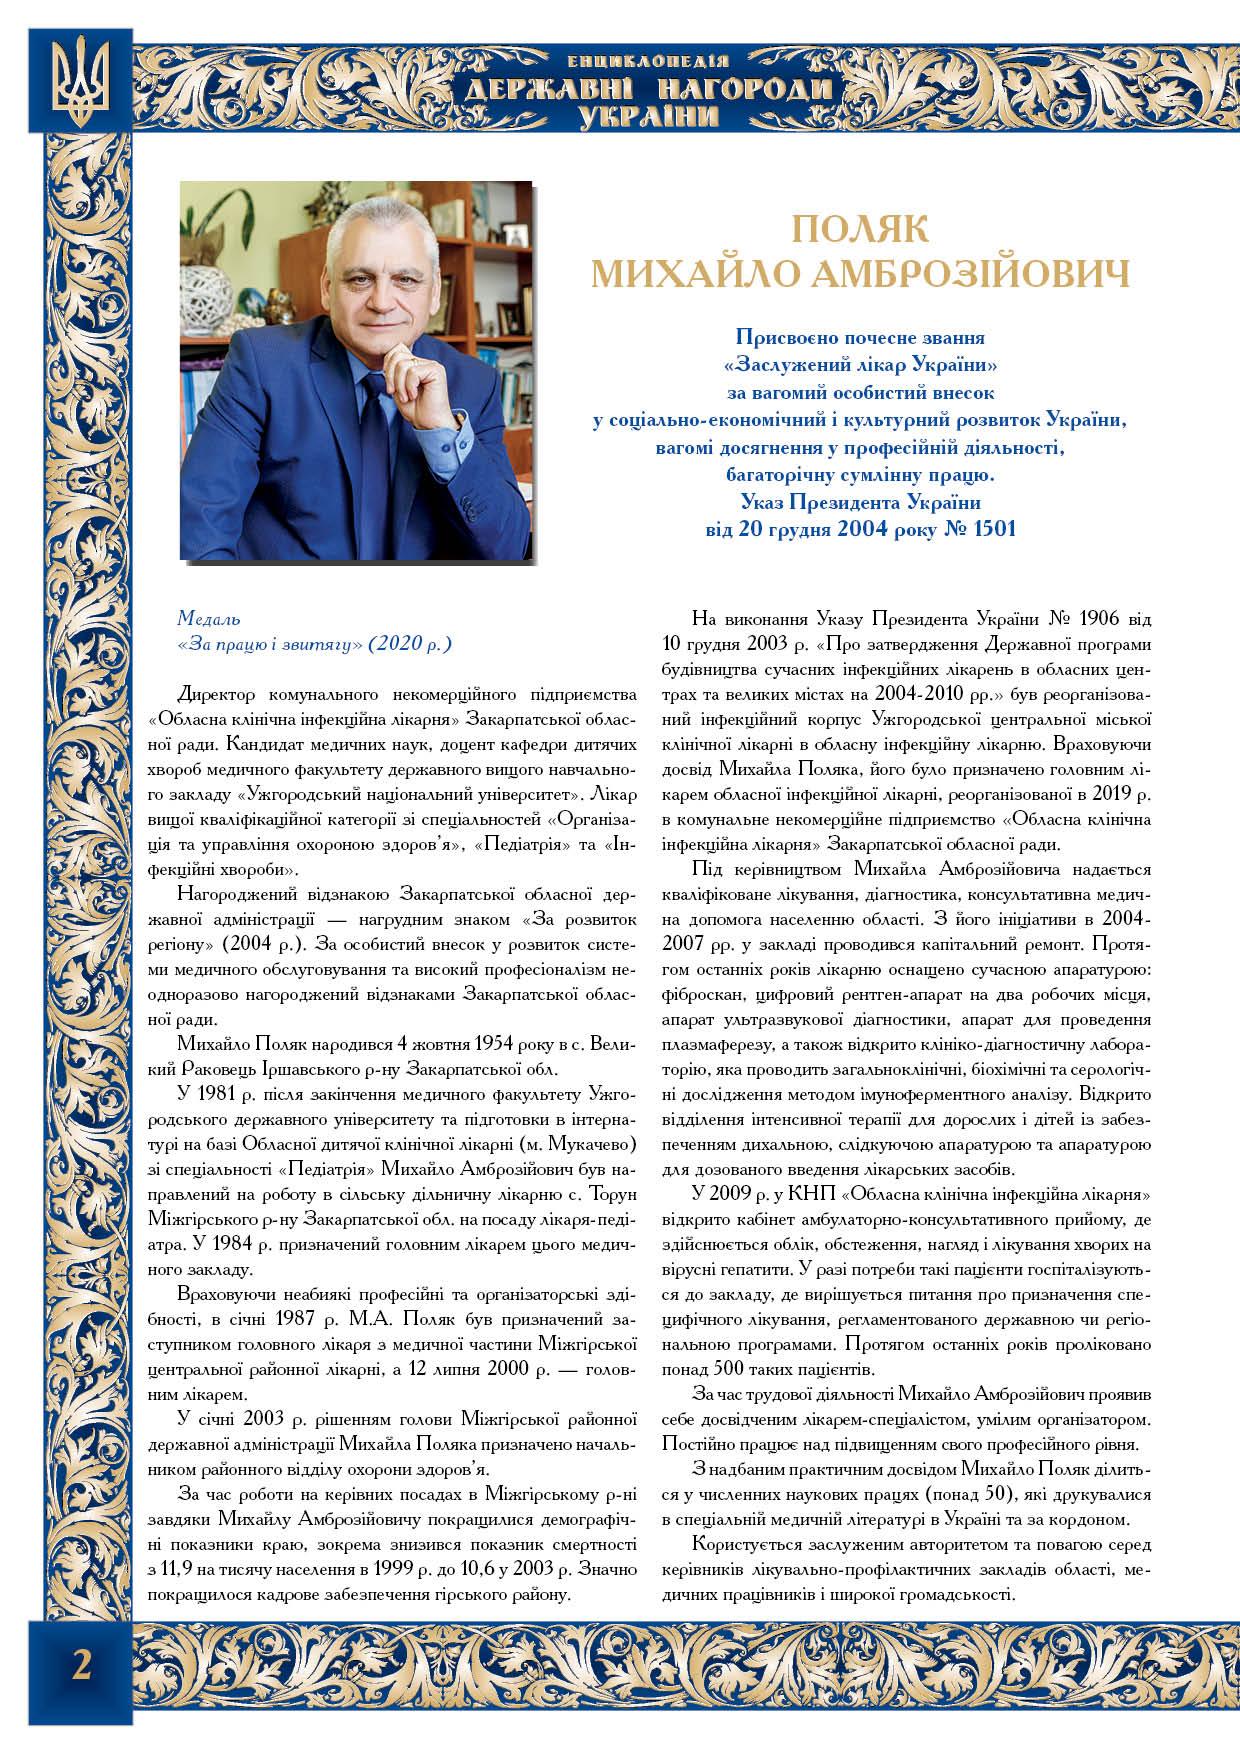 Поляк Михайло Амброзійович